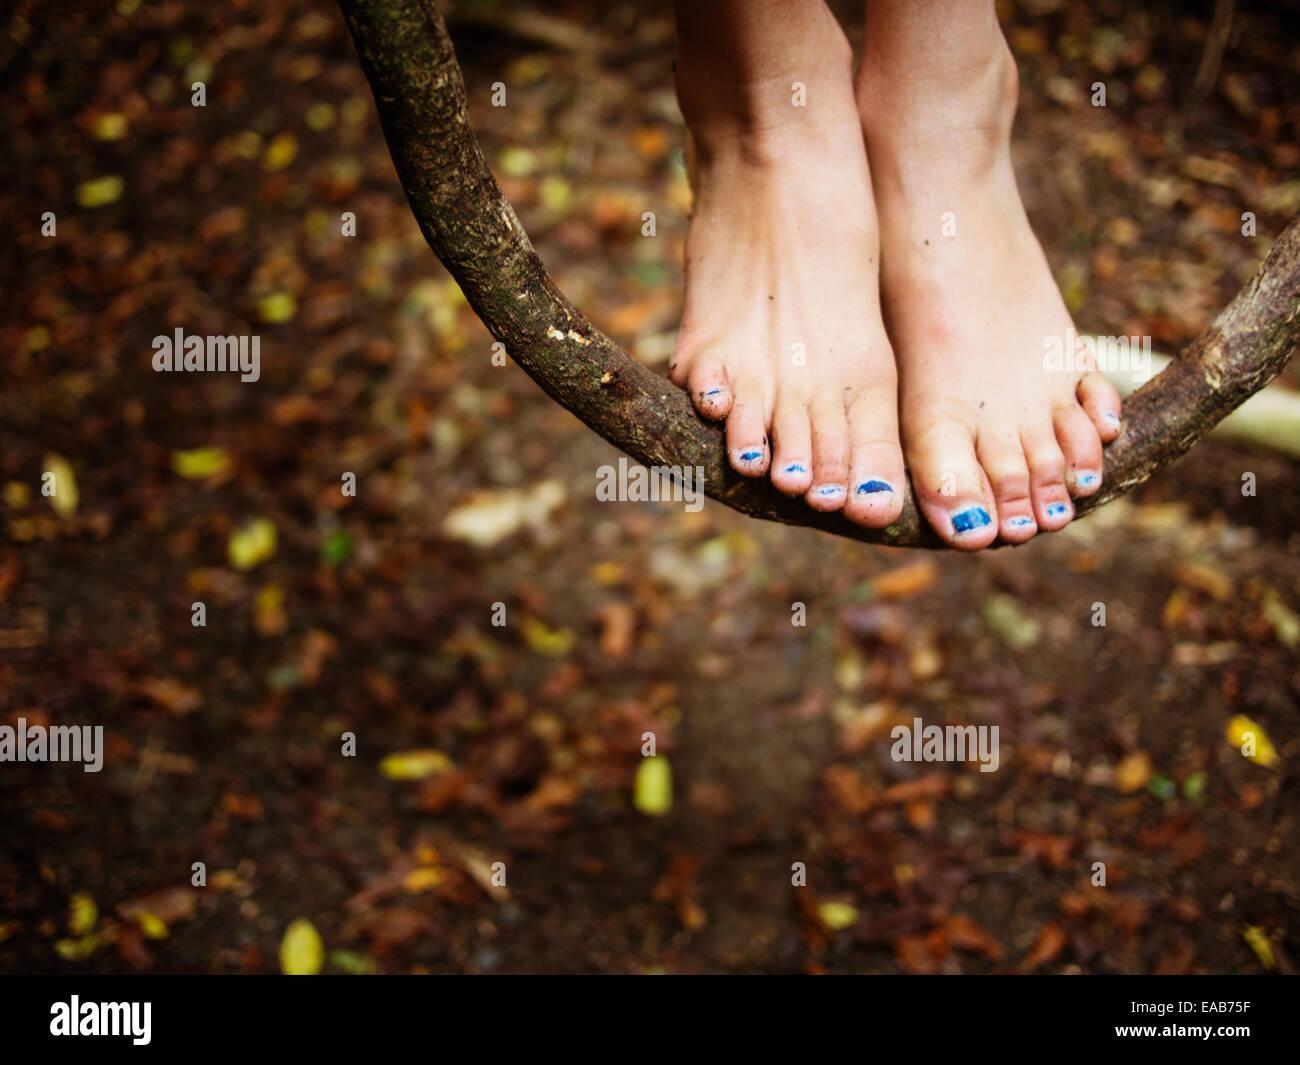 Jeune fille se tient sur vine swing suspendues à des arbres en forêt Photo Stock